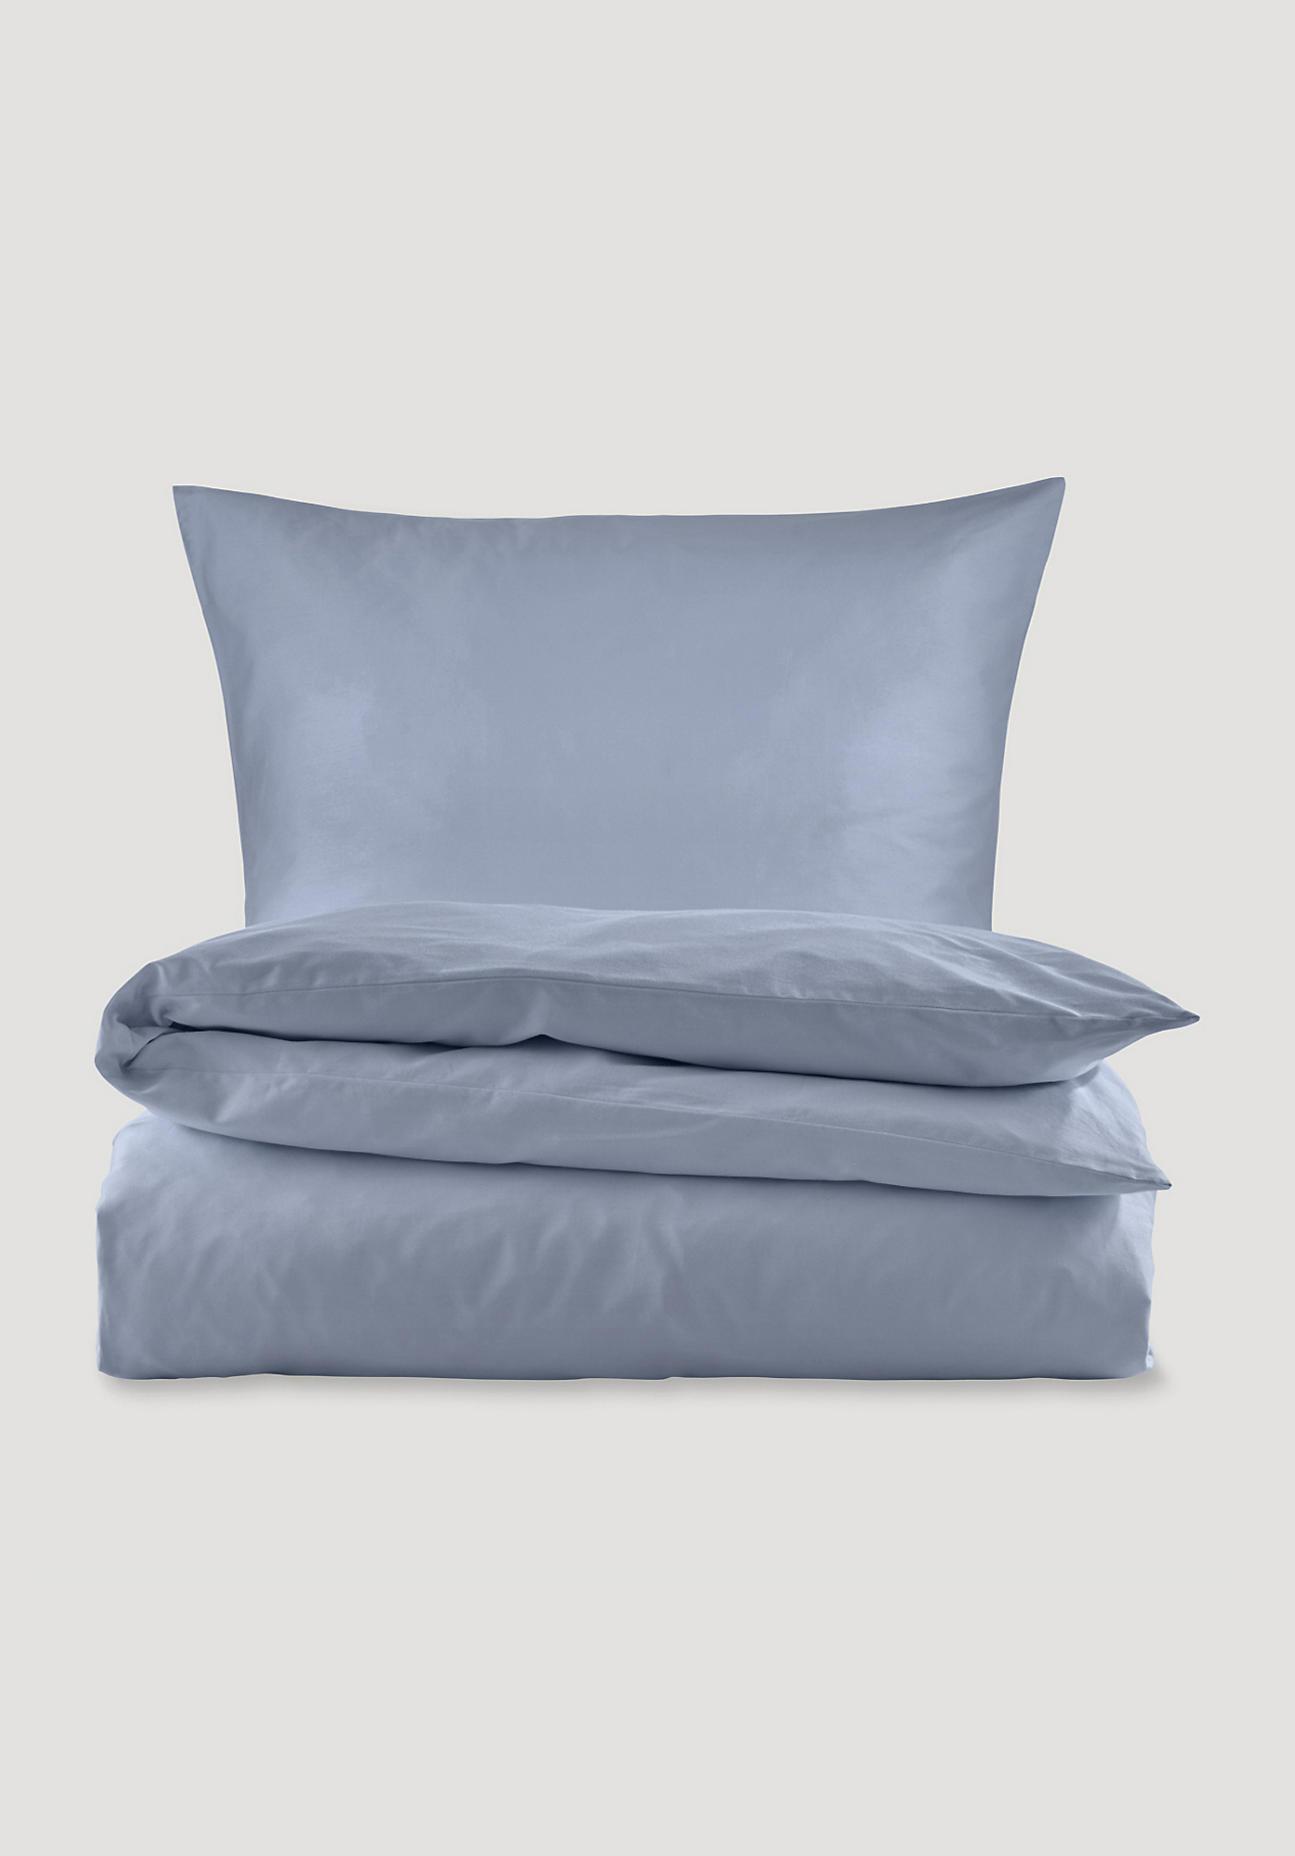 hessnatur Satin-Bettwäsche aus Bio-Baumwolle - blau Größe 135x200+40x80 cm